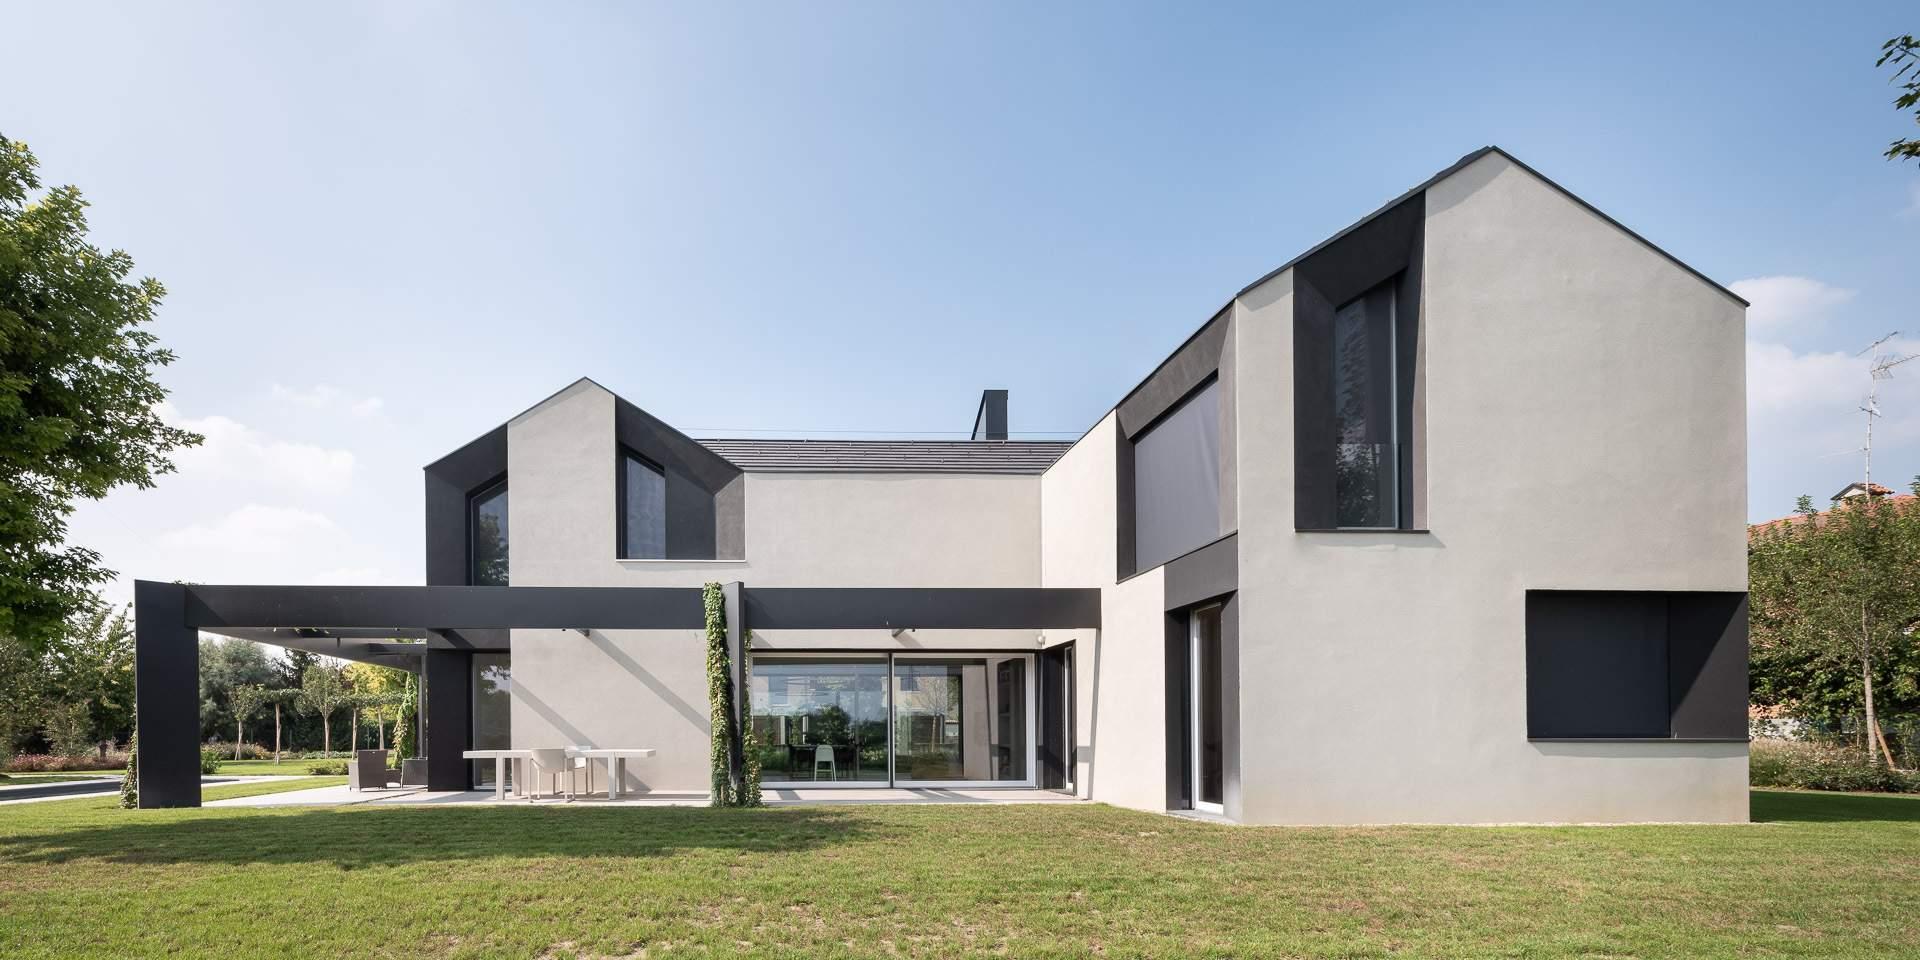 Семейный загородный дом HHCR, Италия